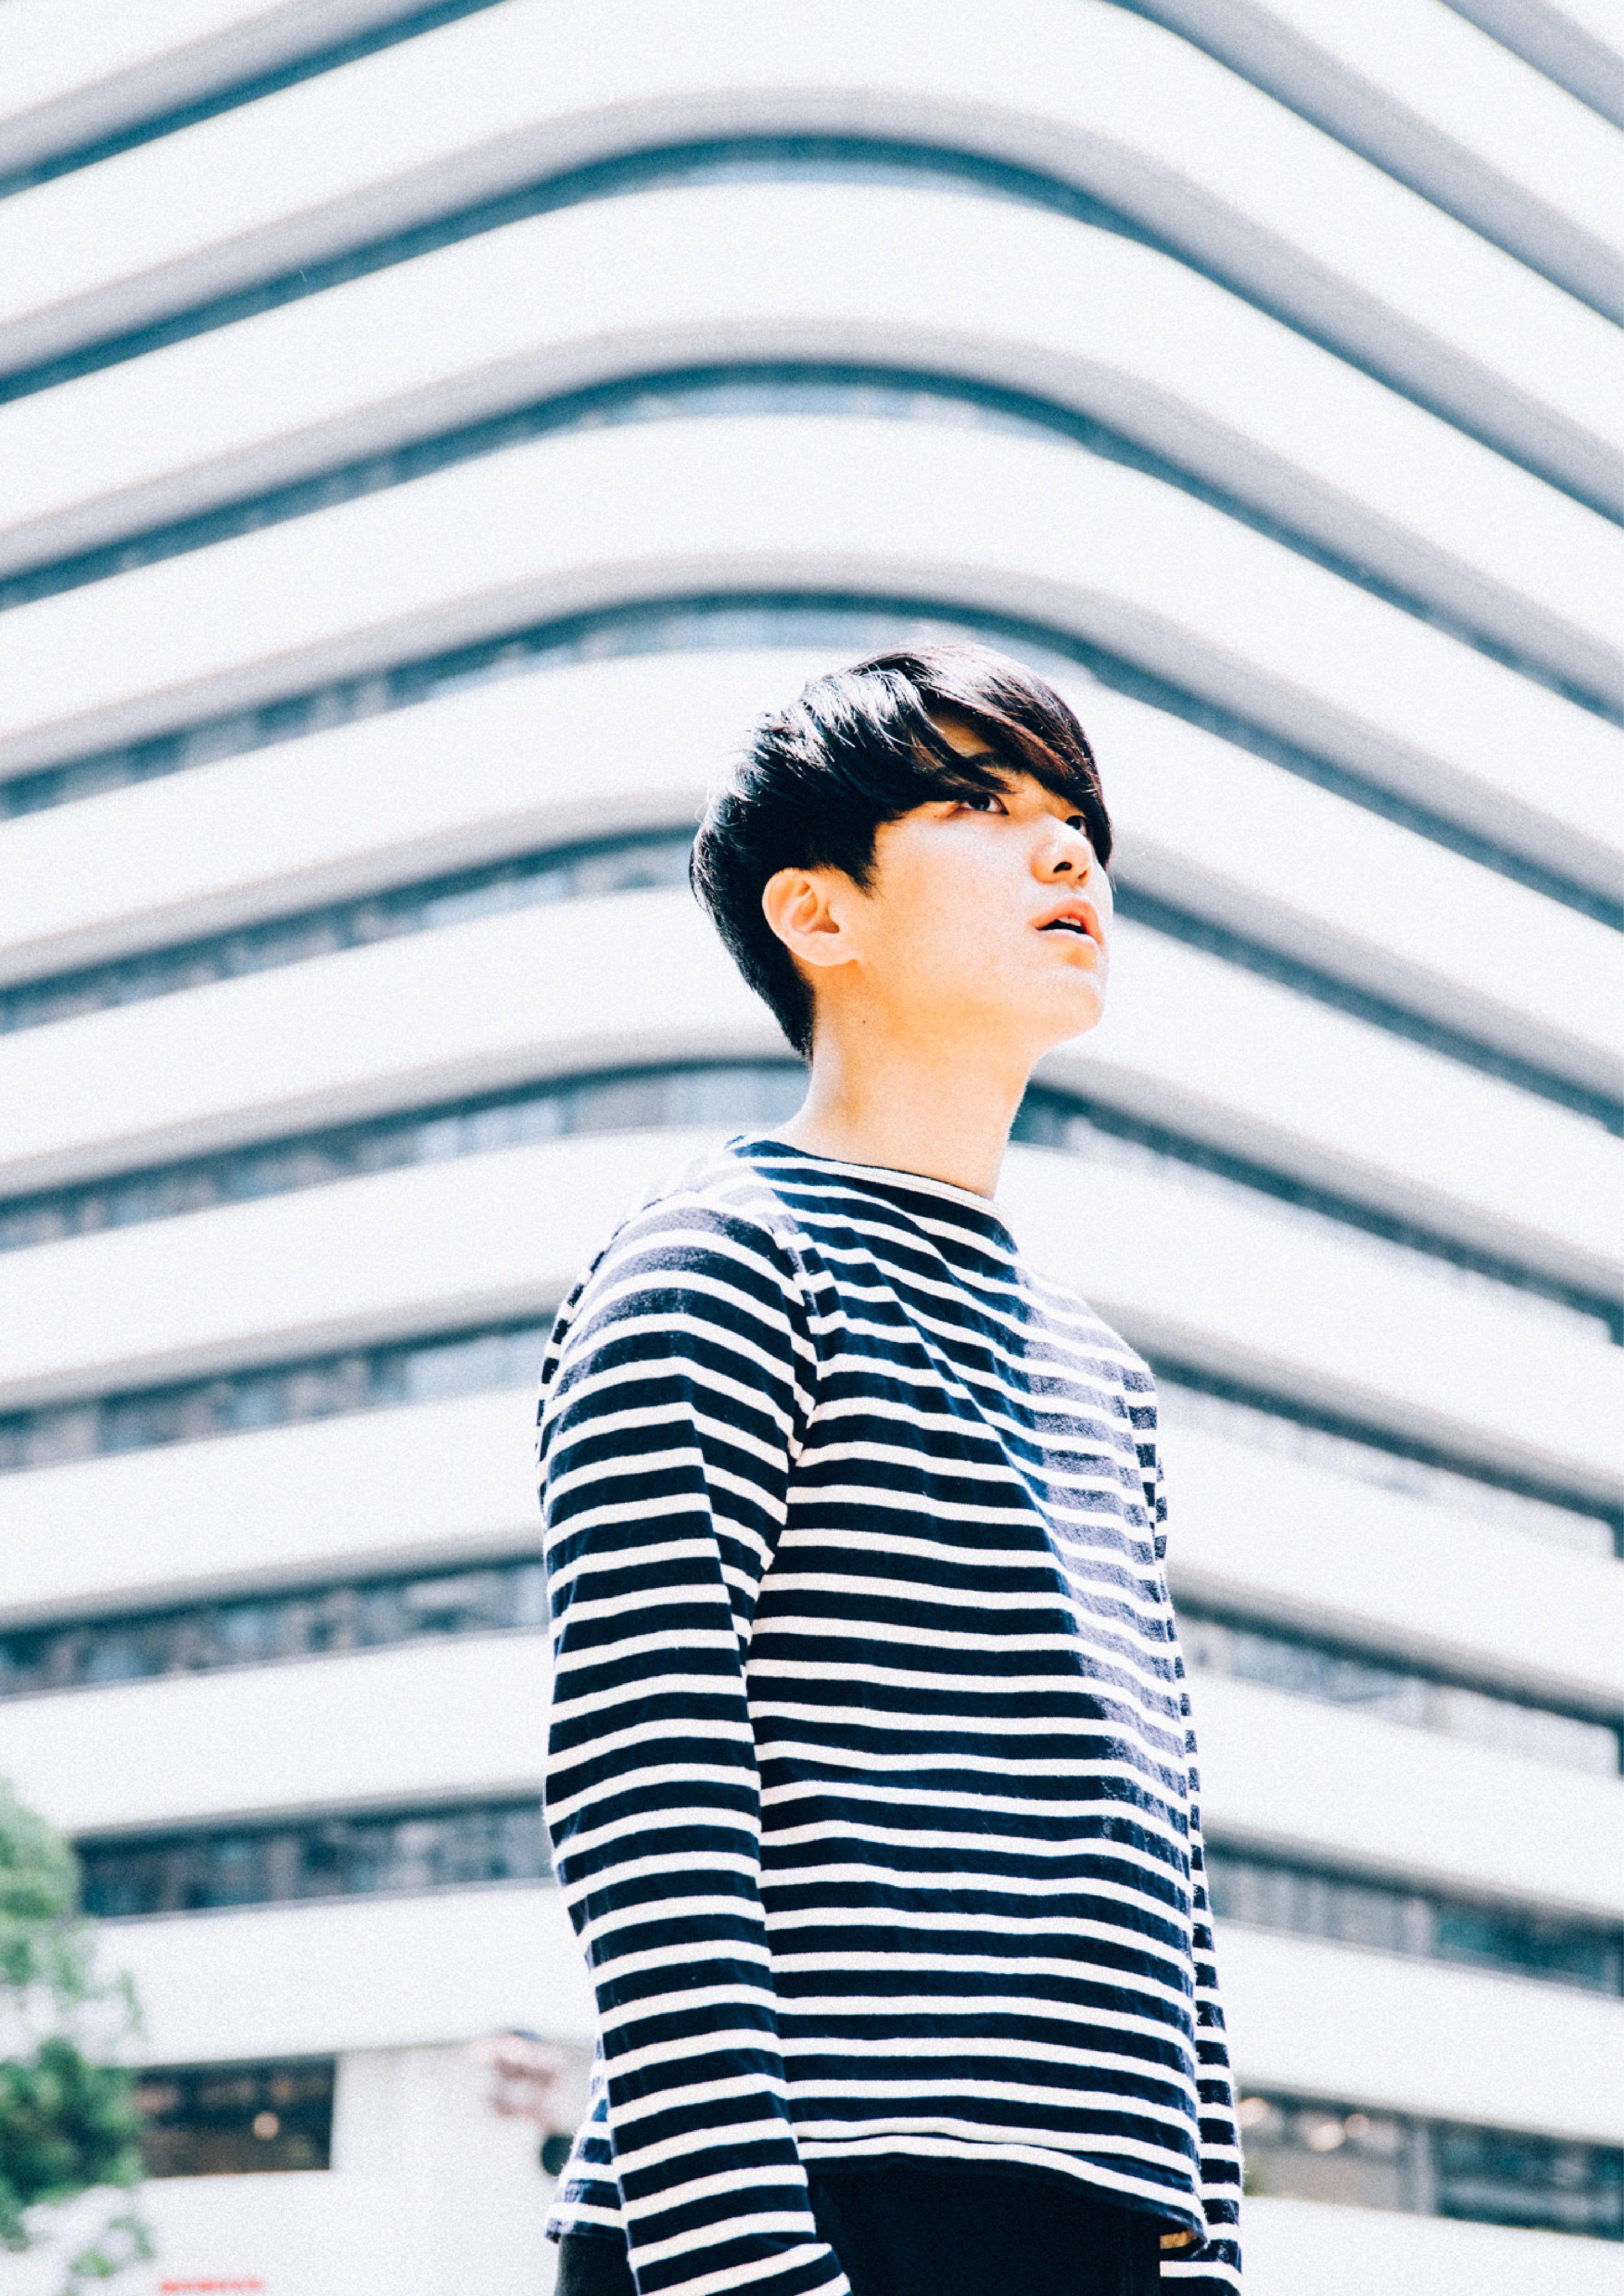 【注目の学生アーティスト】シンガーソングライター・室井雅也、世代問わず愛されるアーティストになりたい